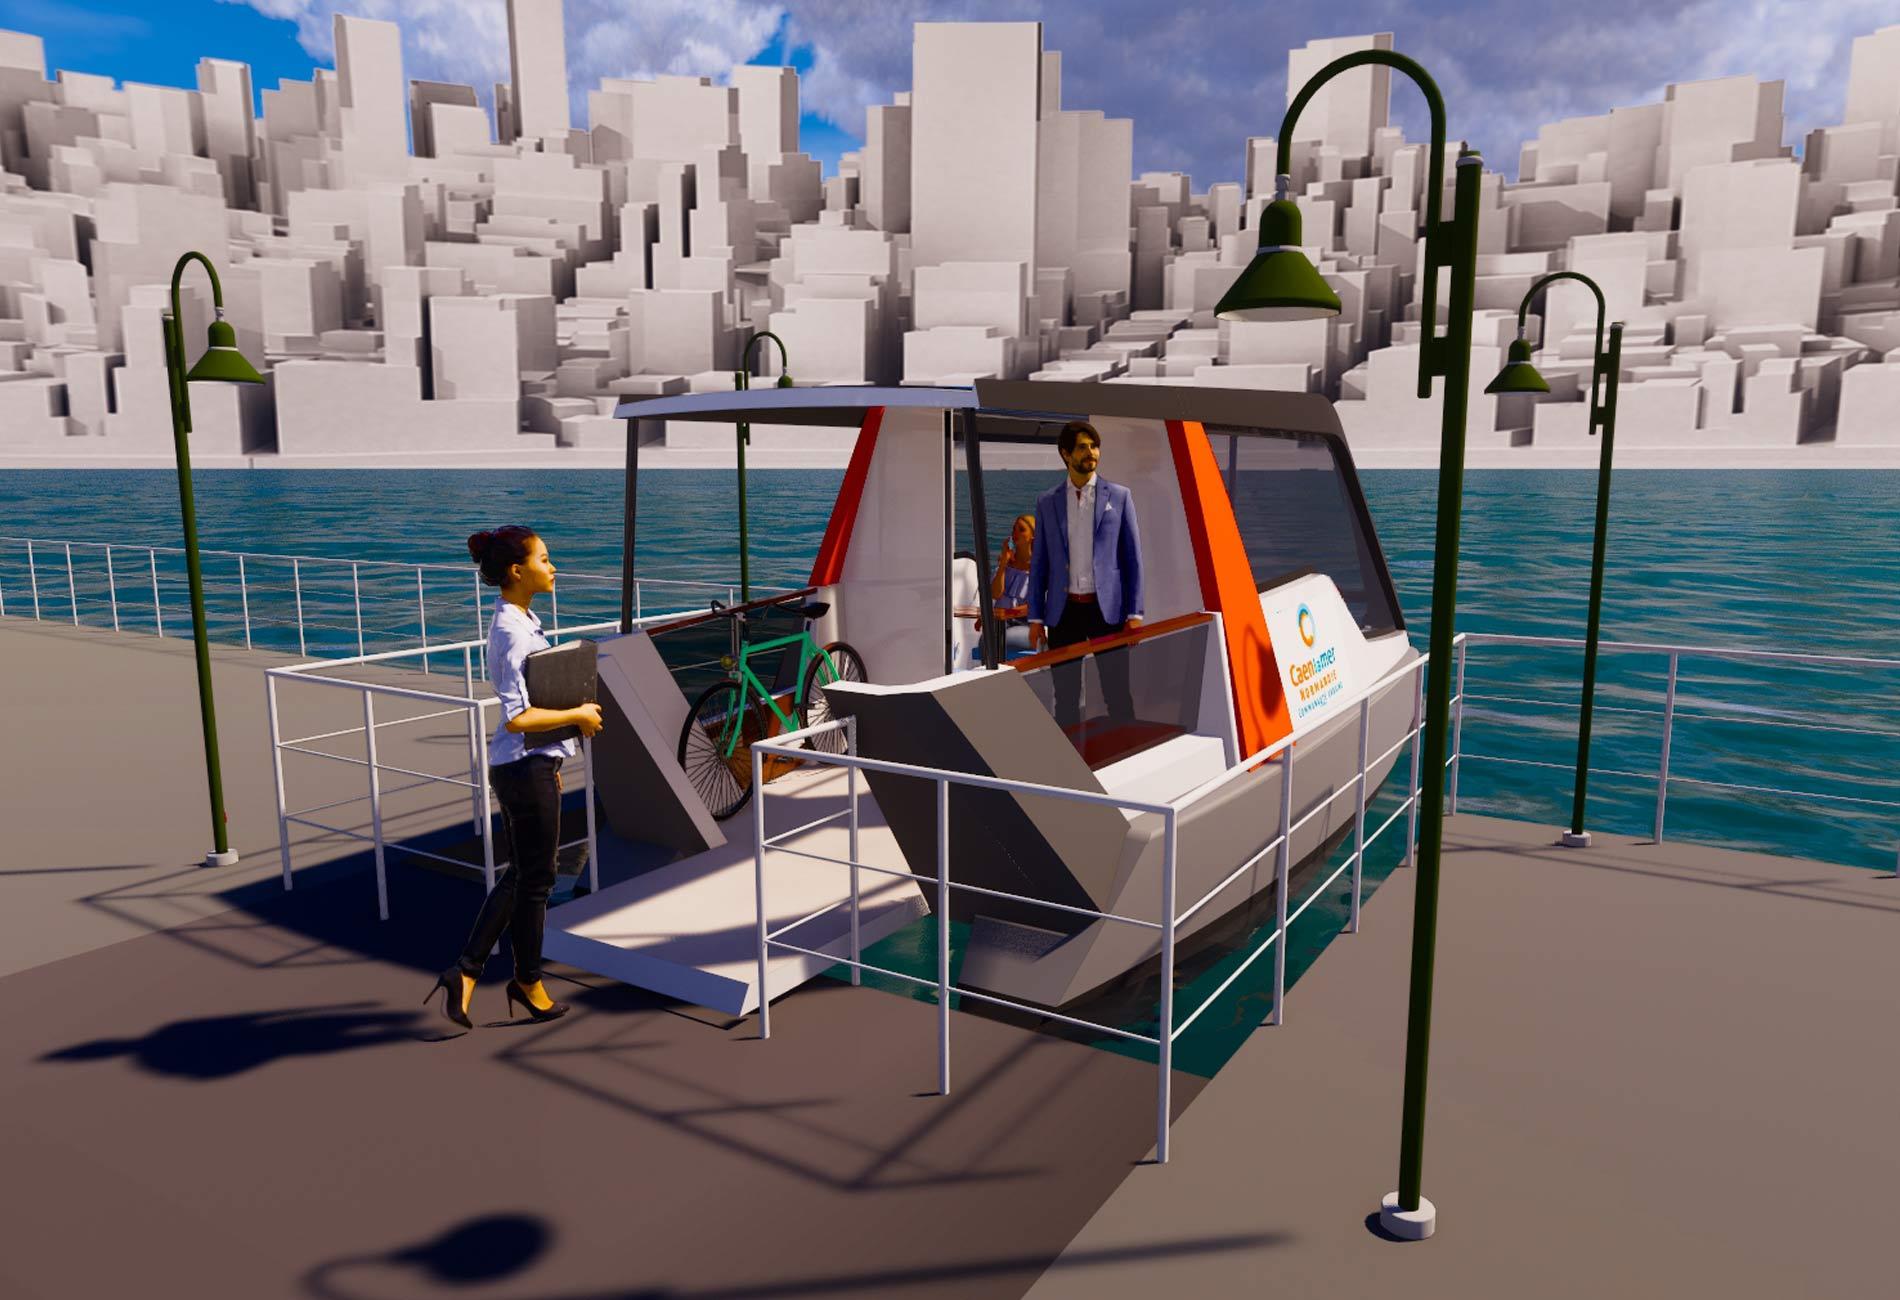 NEAC-Vedette-autonome-Conception-Vincent-Lebailly-Architecture-navale-Transport-maritime-et-fluvial